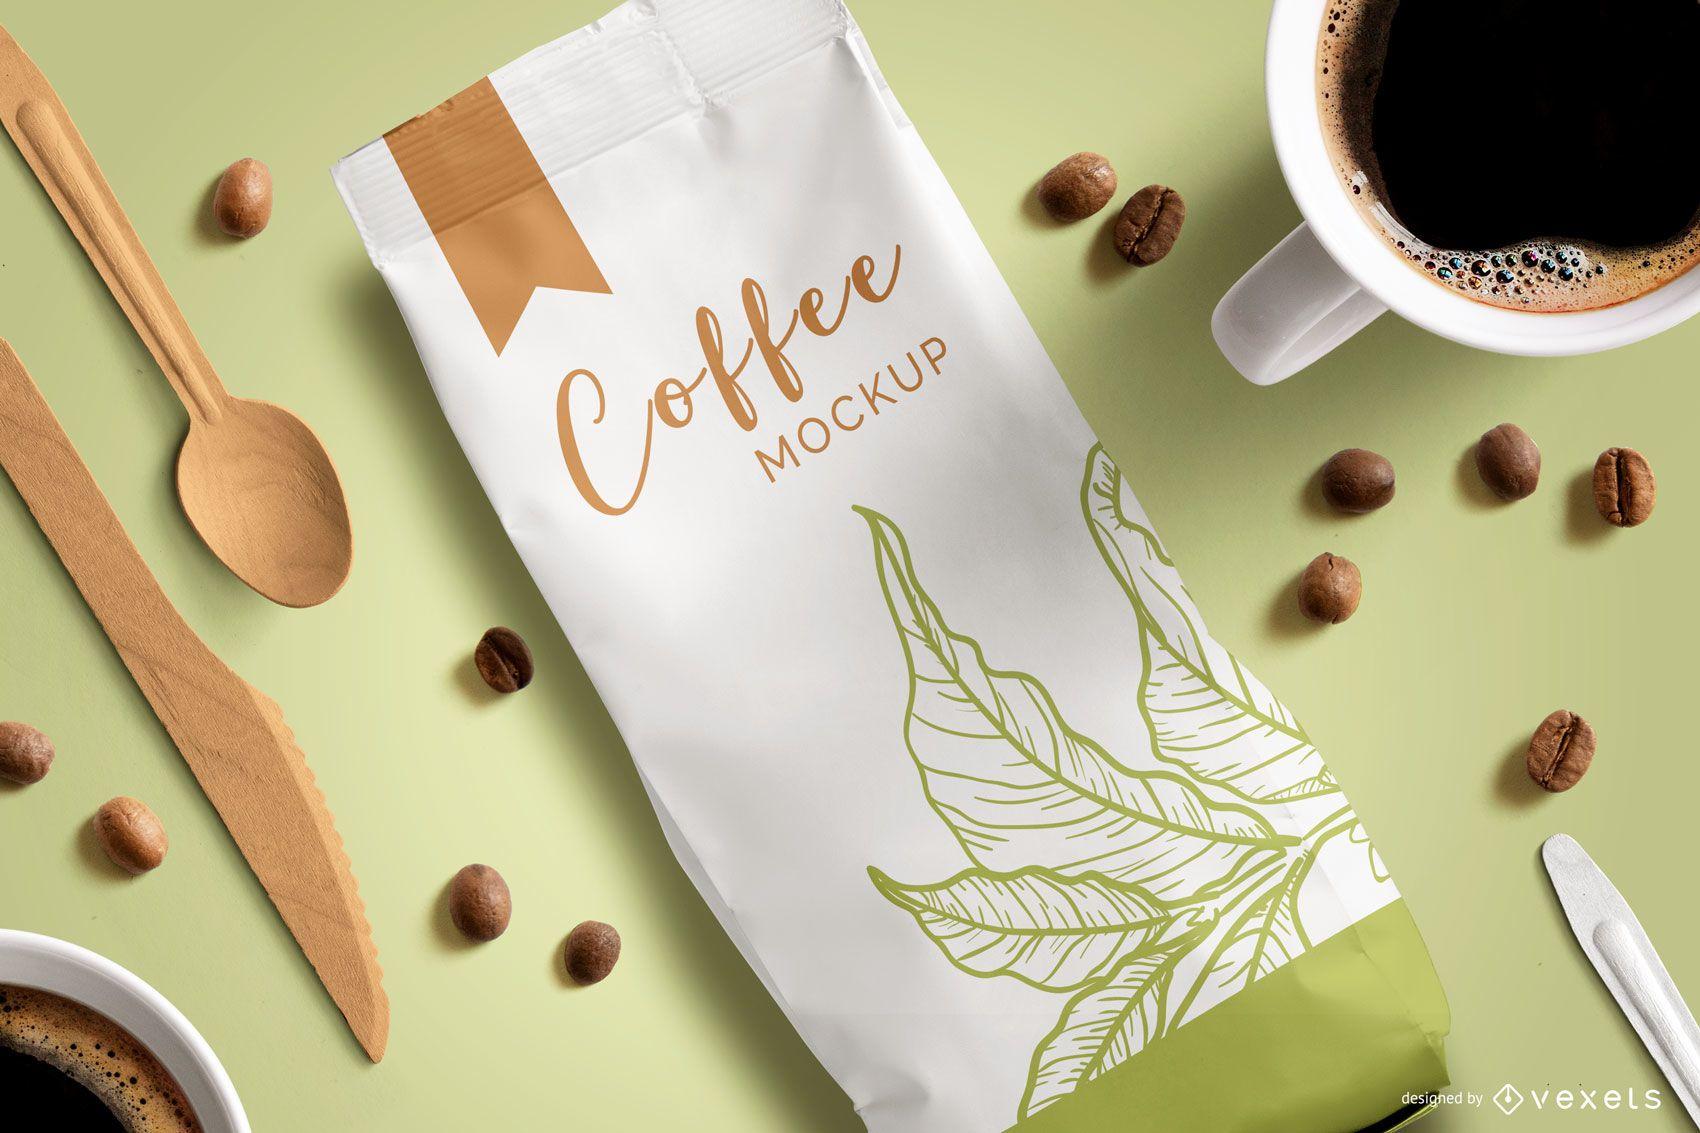 Coffee Packaging Top View Mockup